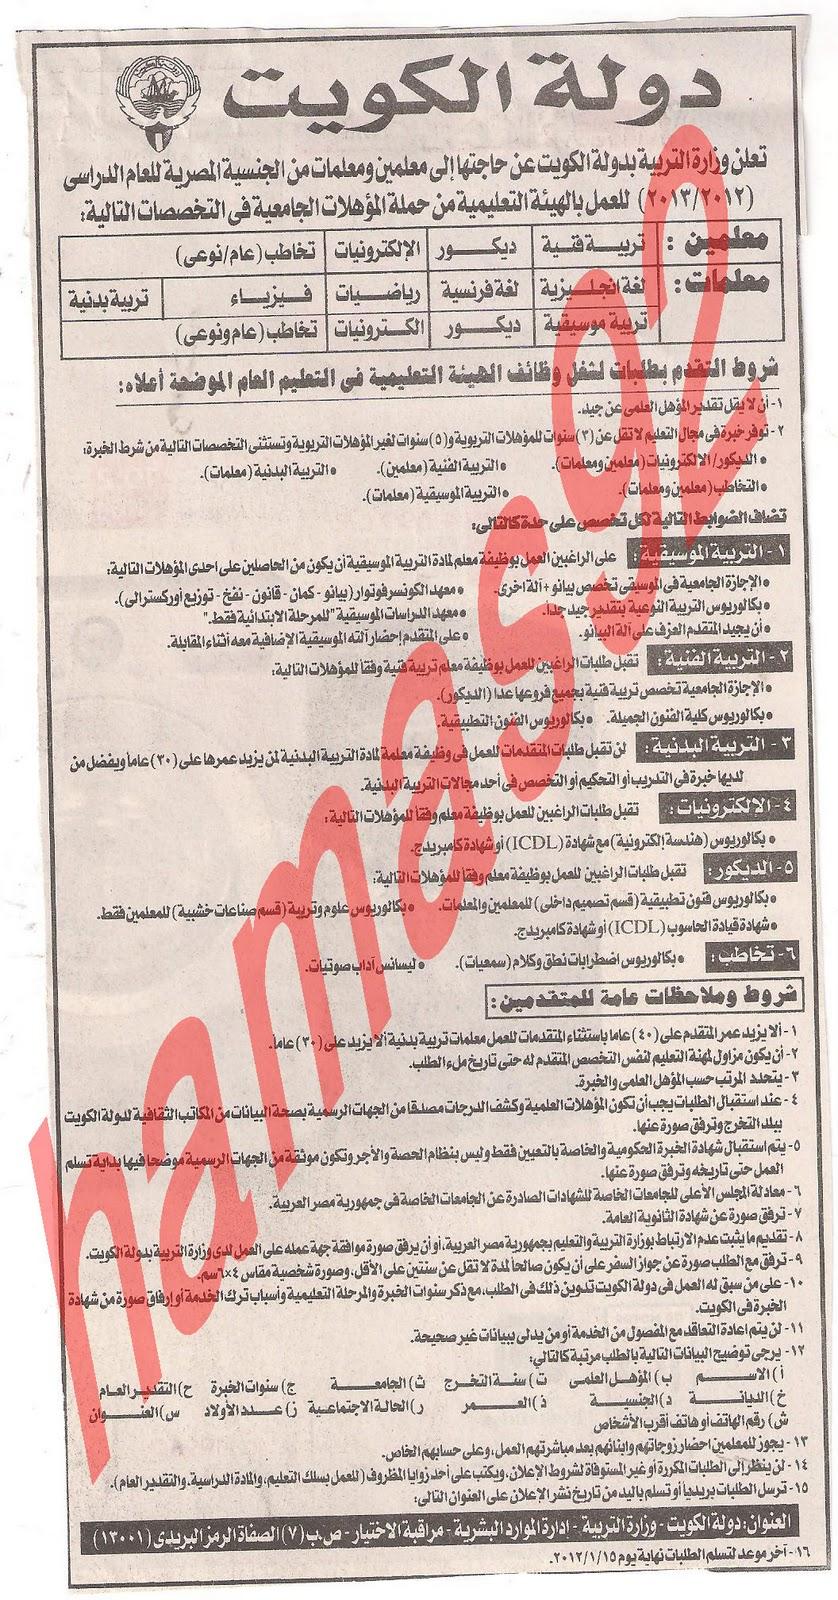 مطلوب معلمين ومعلمات من الجنسية المصرية للعمل الحكومى بدولة الكويت 3